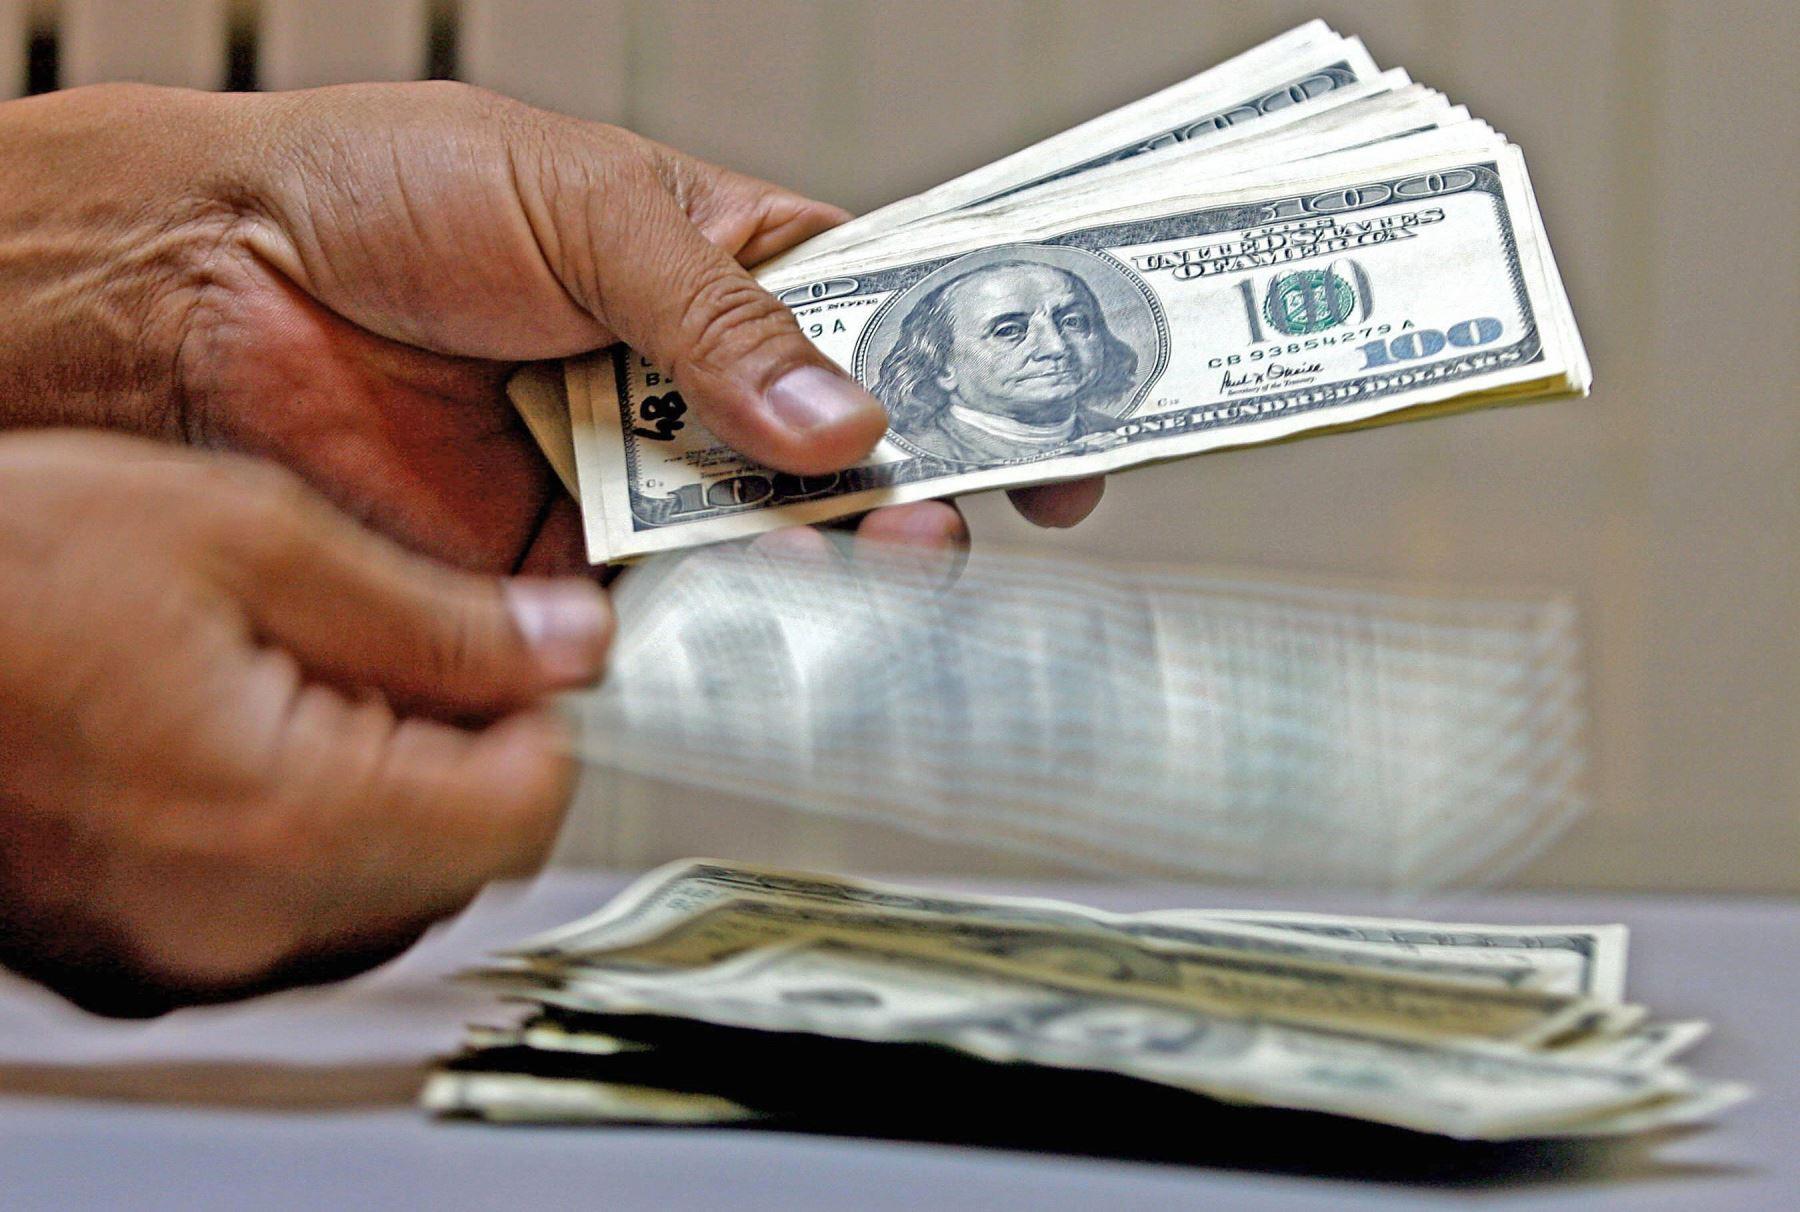 el-dolar-alcanzo-s384-un-nuevo-maximo-historico-ante-la-incertidumbre-electoral